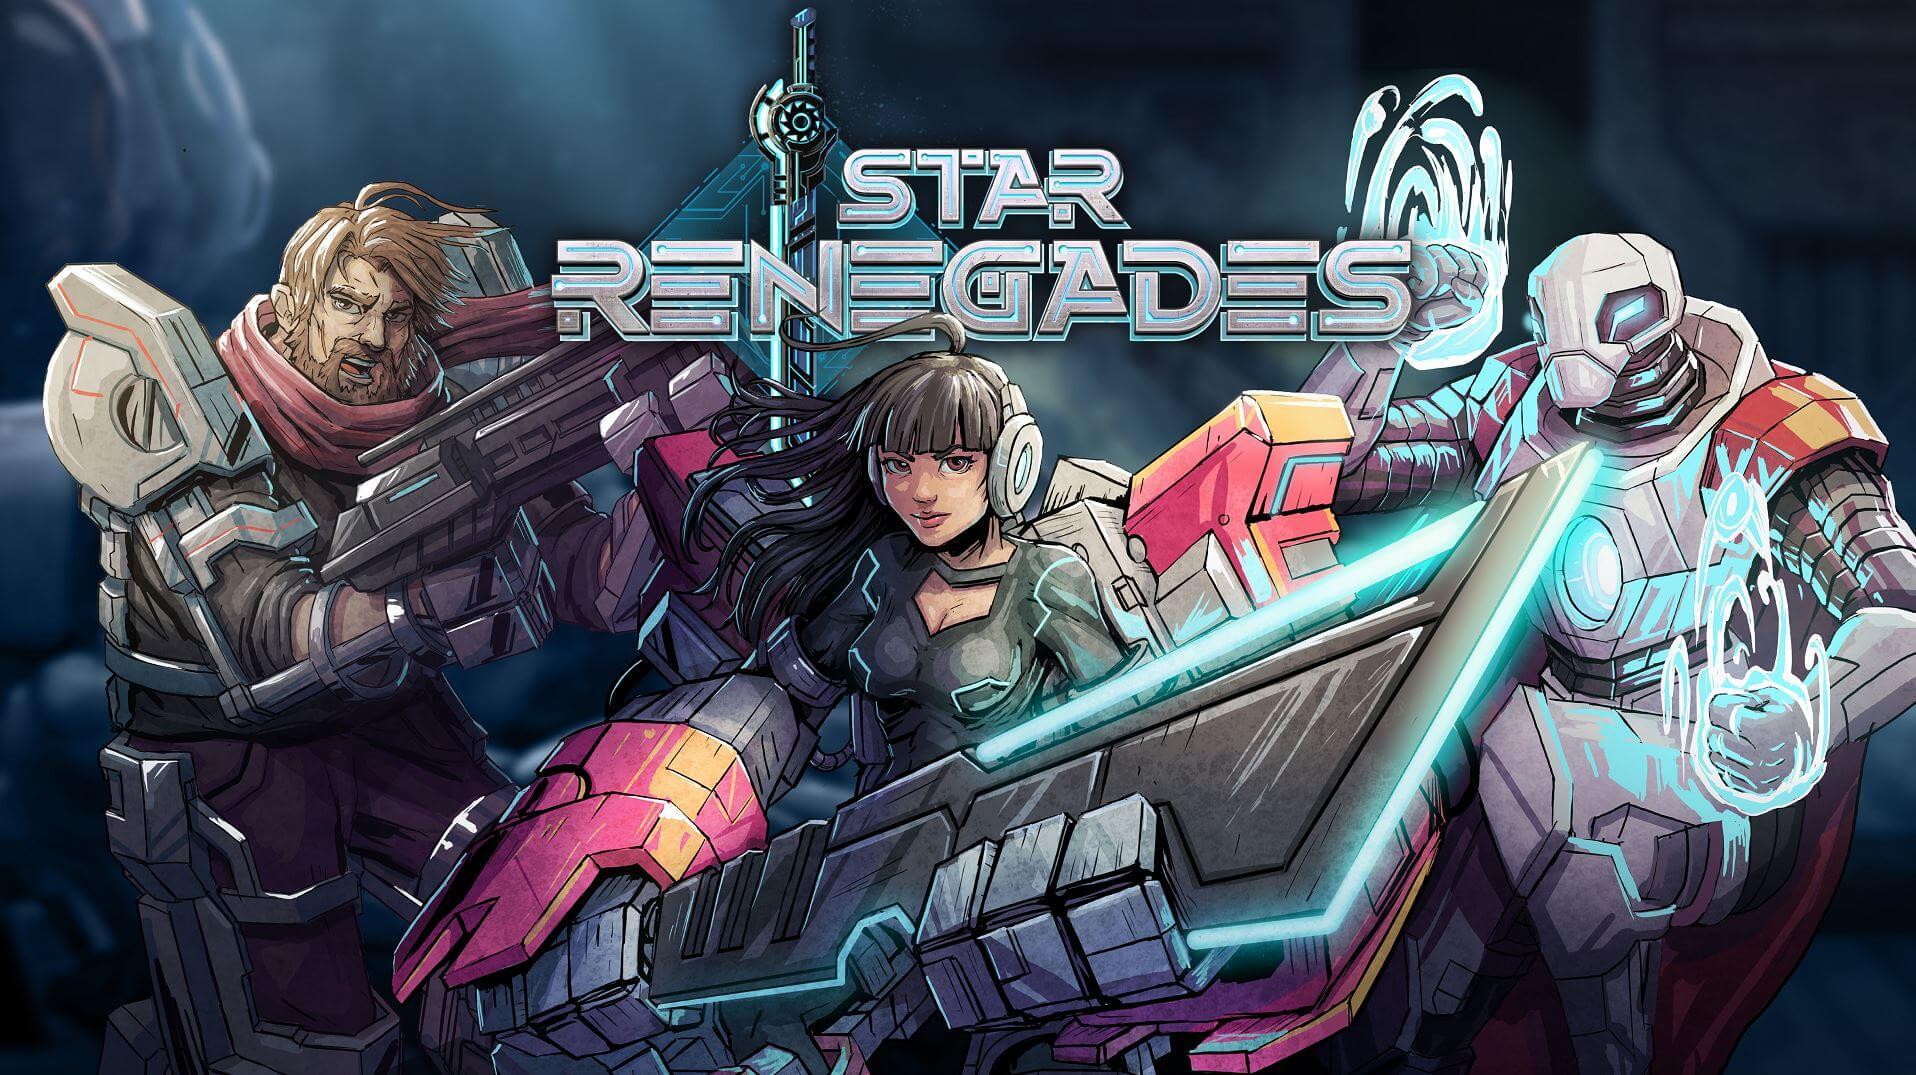 La estrategia de Star Renegades llegará en físico a PS4 en julio